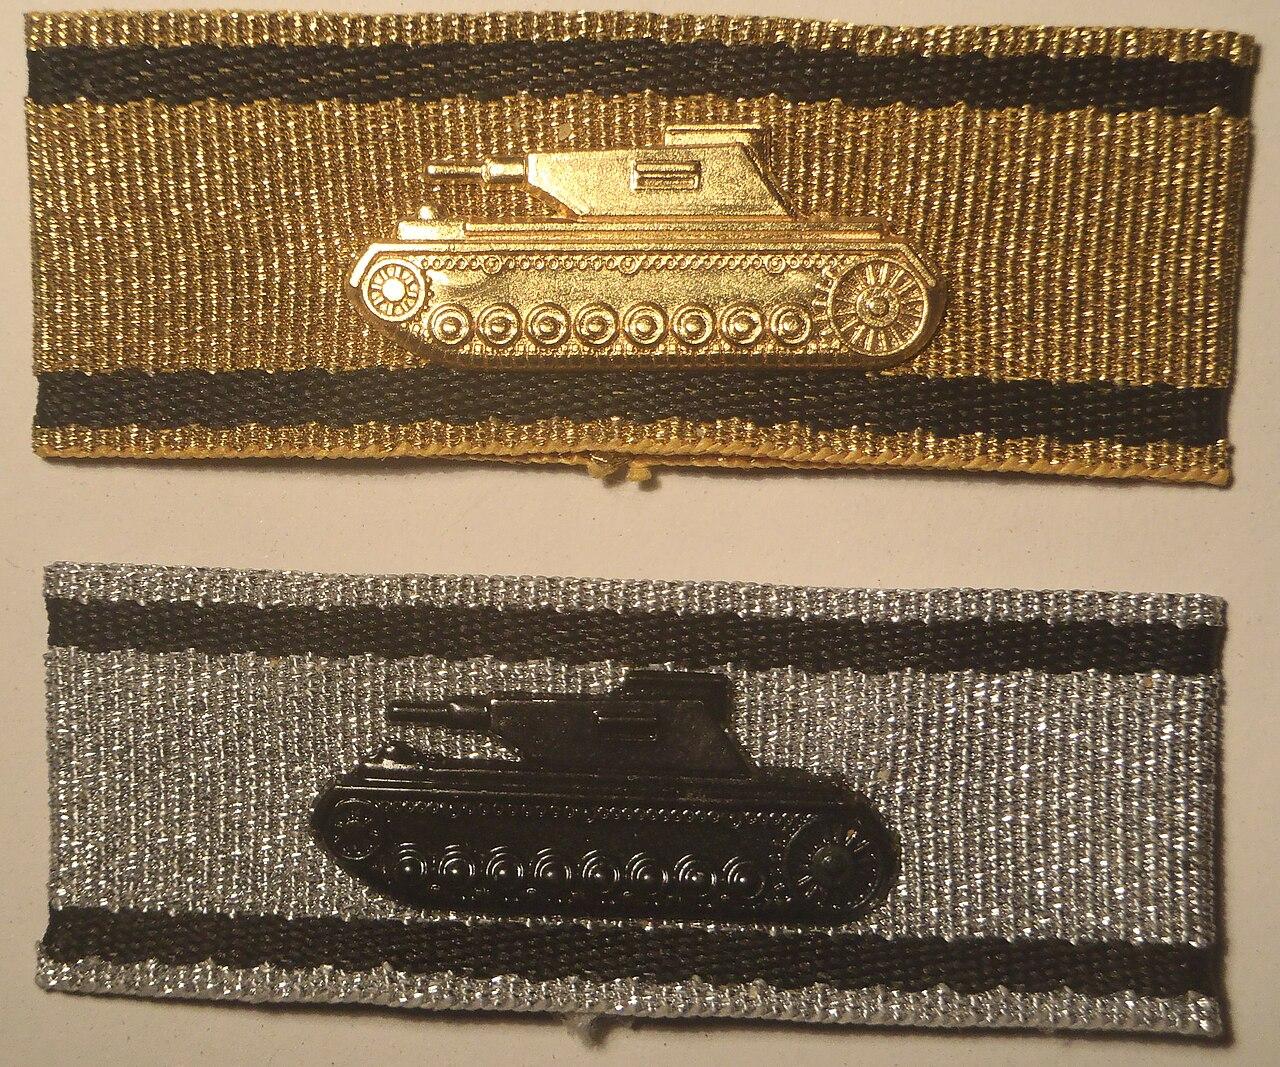 Wehrmacht Panzervernichtungsabzeichen.jpg